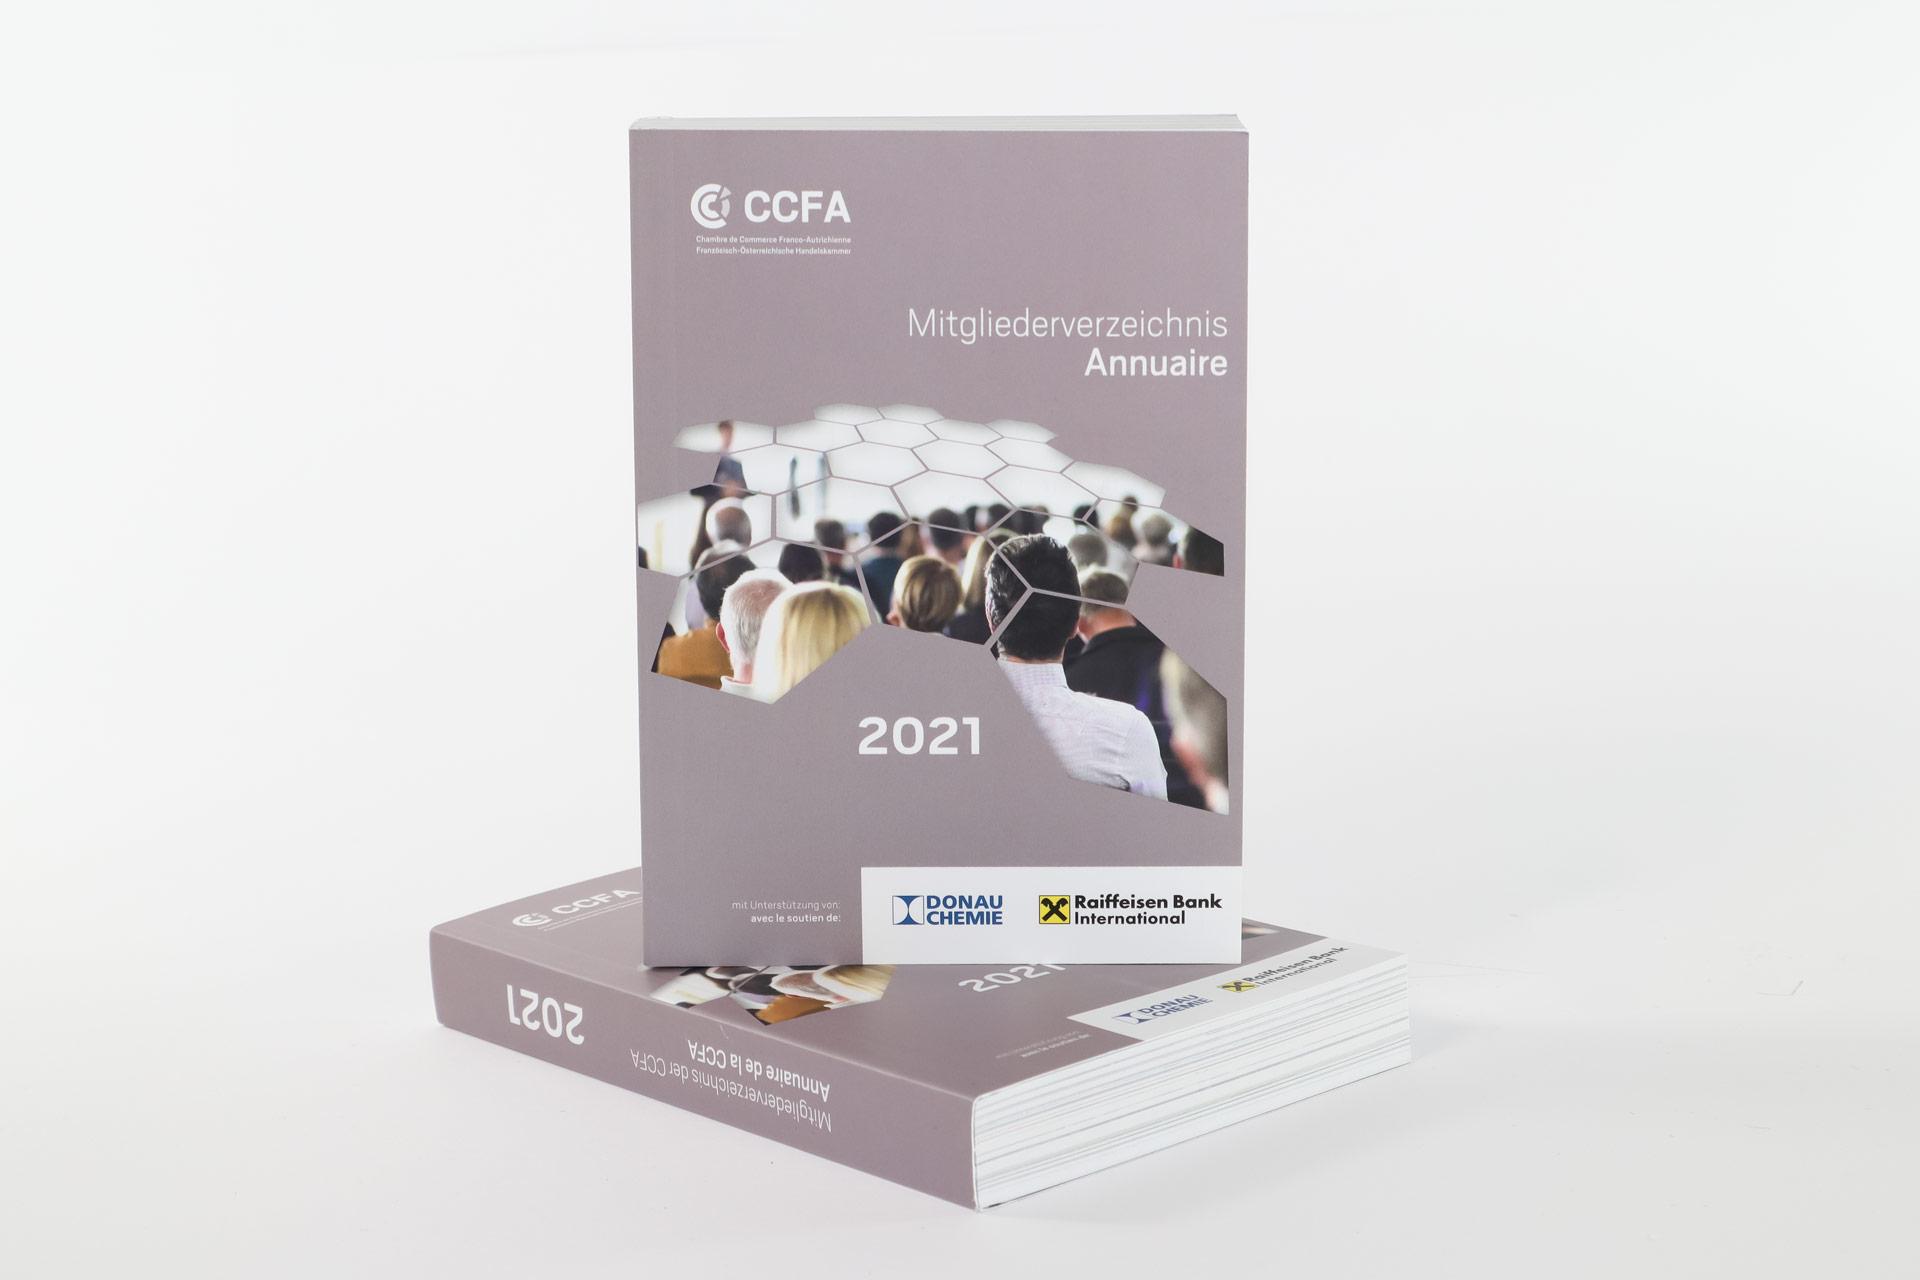 Mitgliederverzeichnis-2021-by-PiKSEL-CCFA